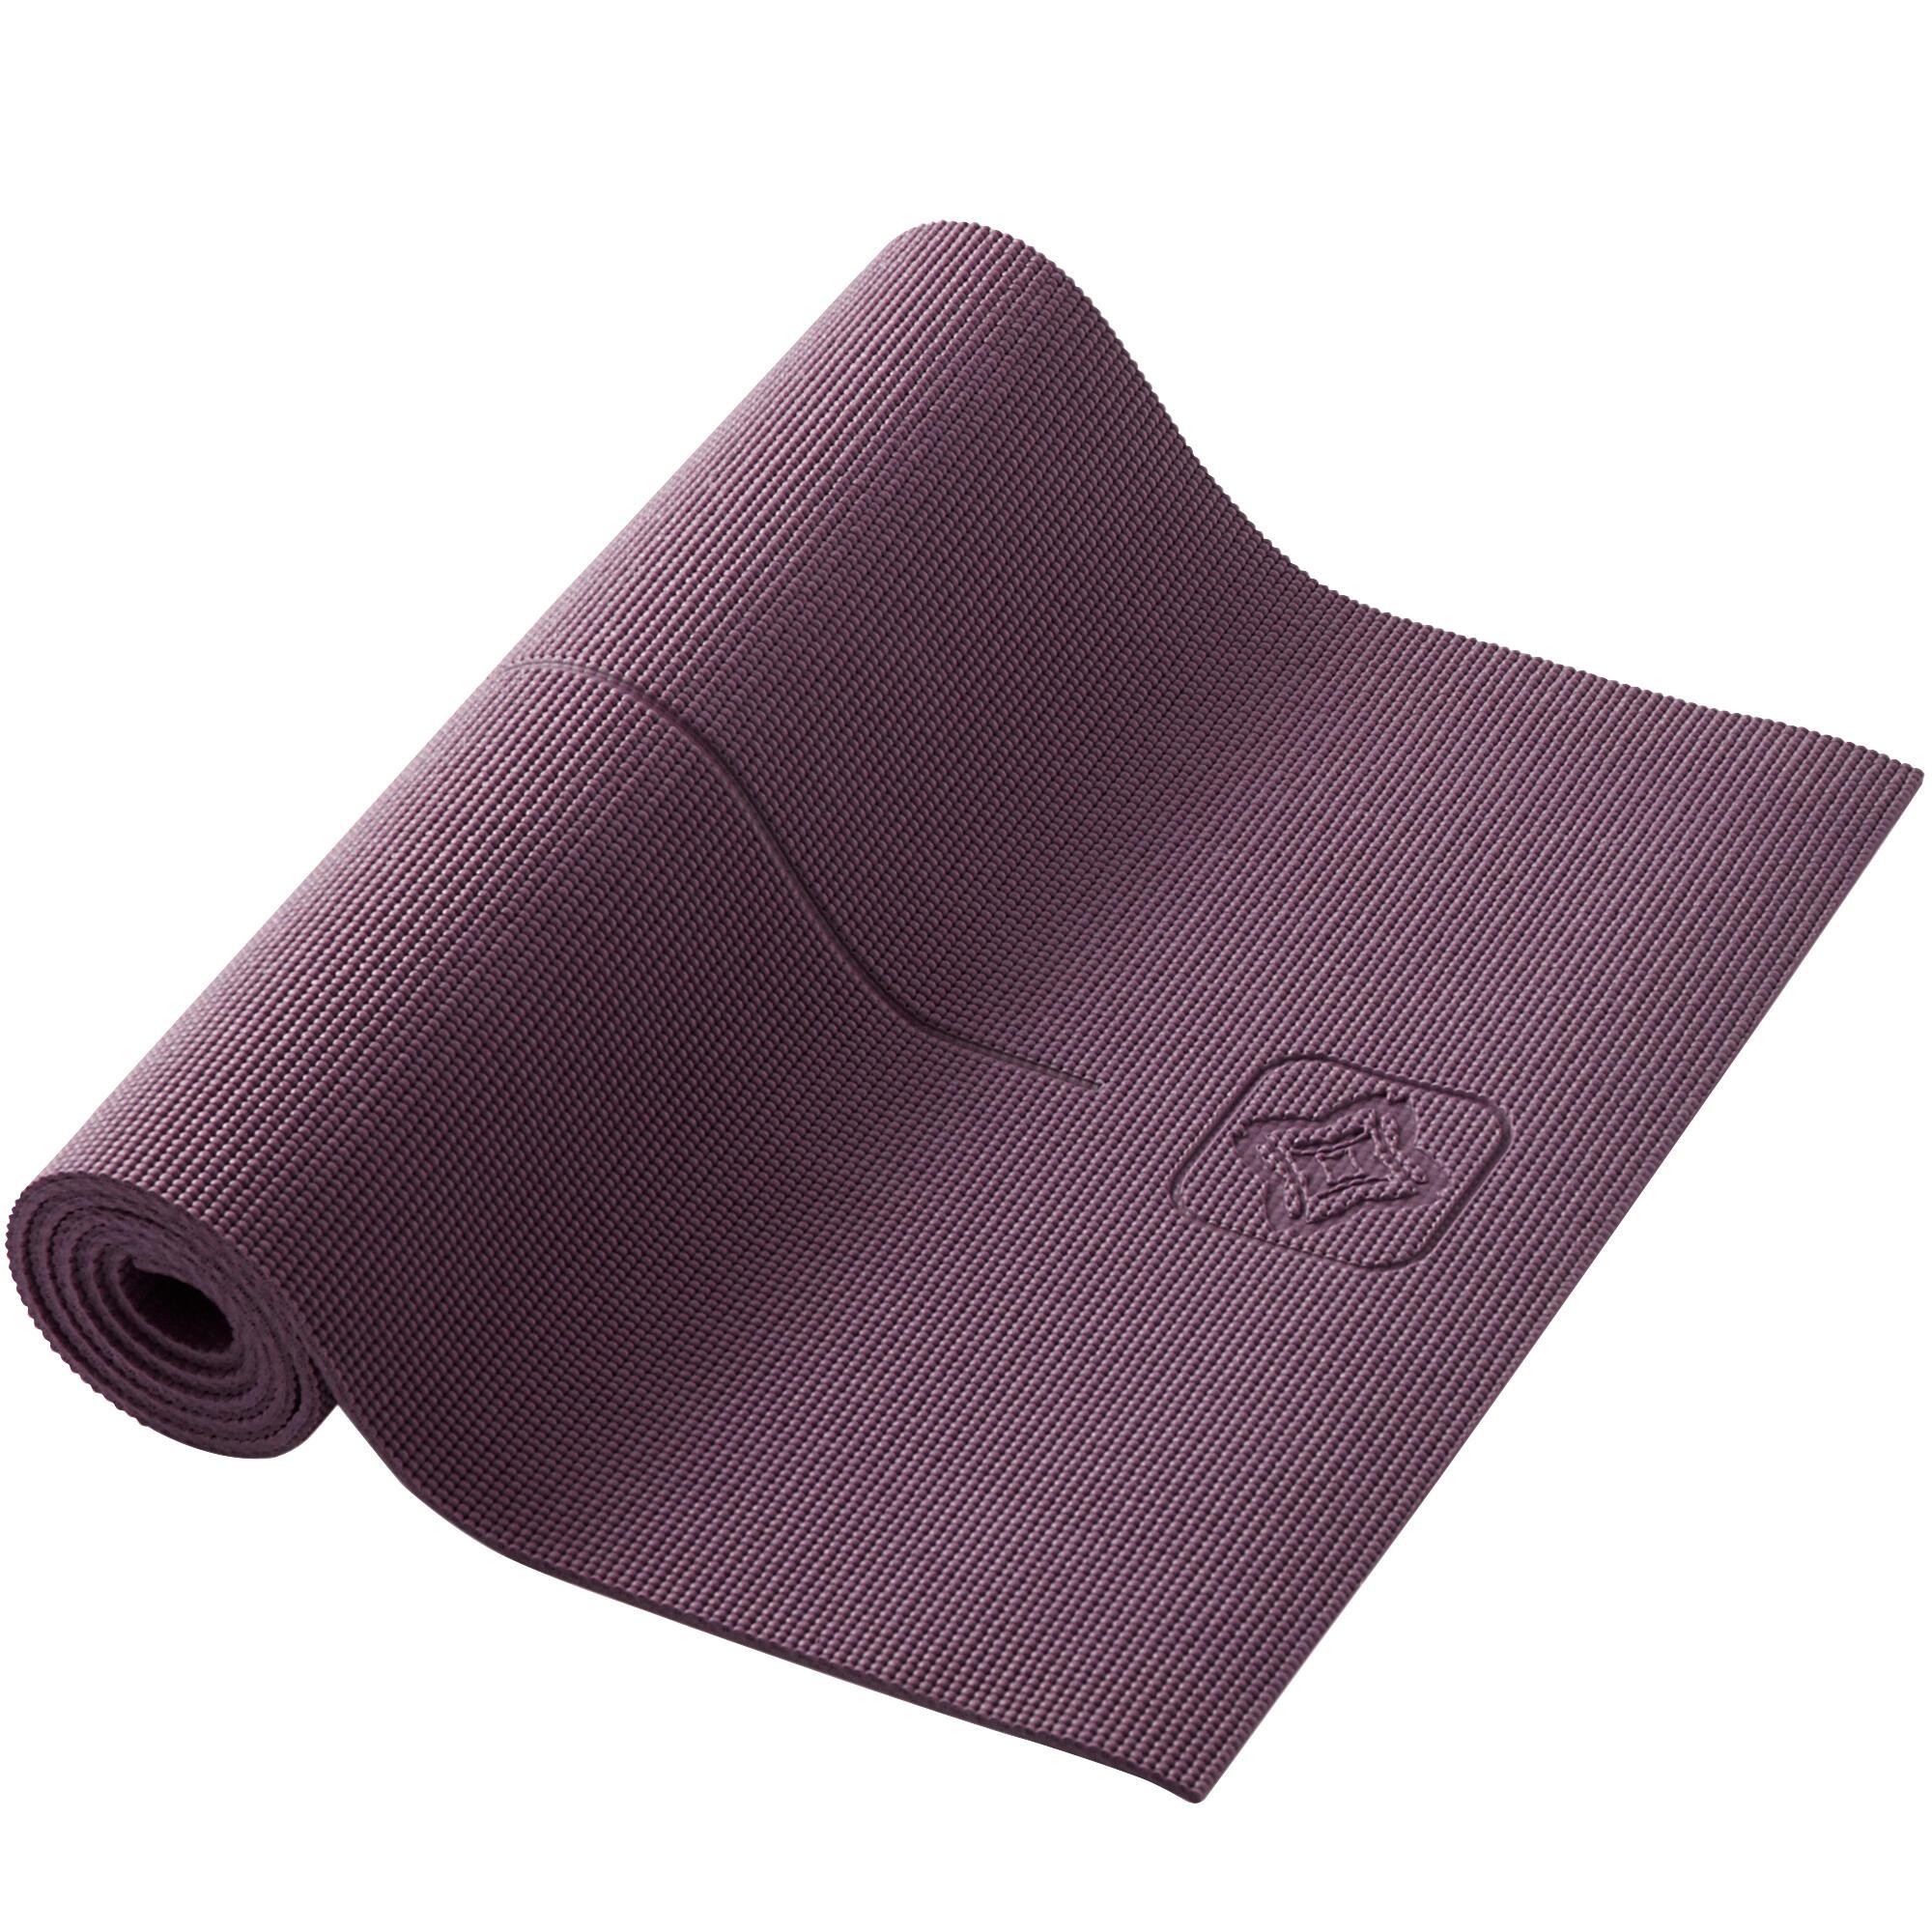 kimjaly tappetino yoga comfort bordeaux 173x61x0,8cm